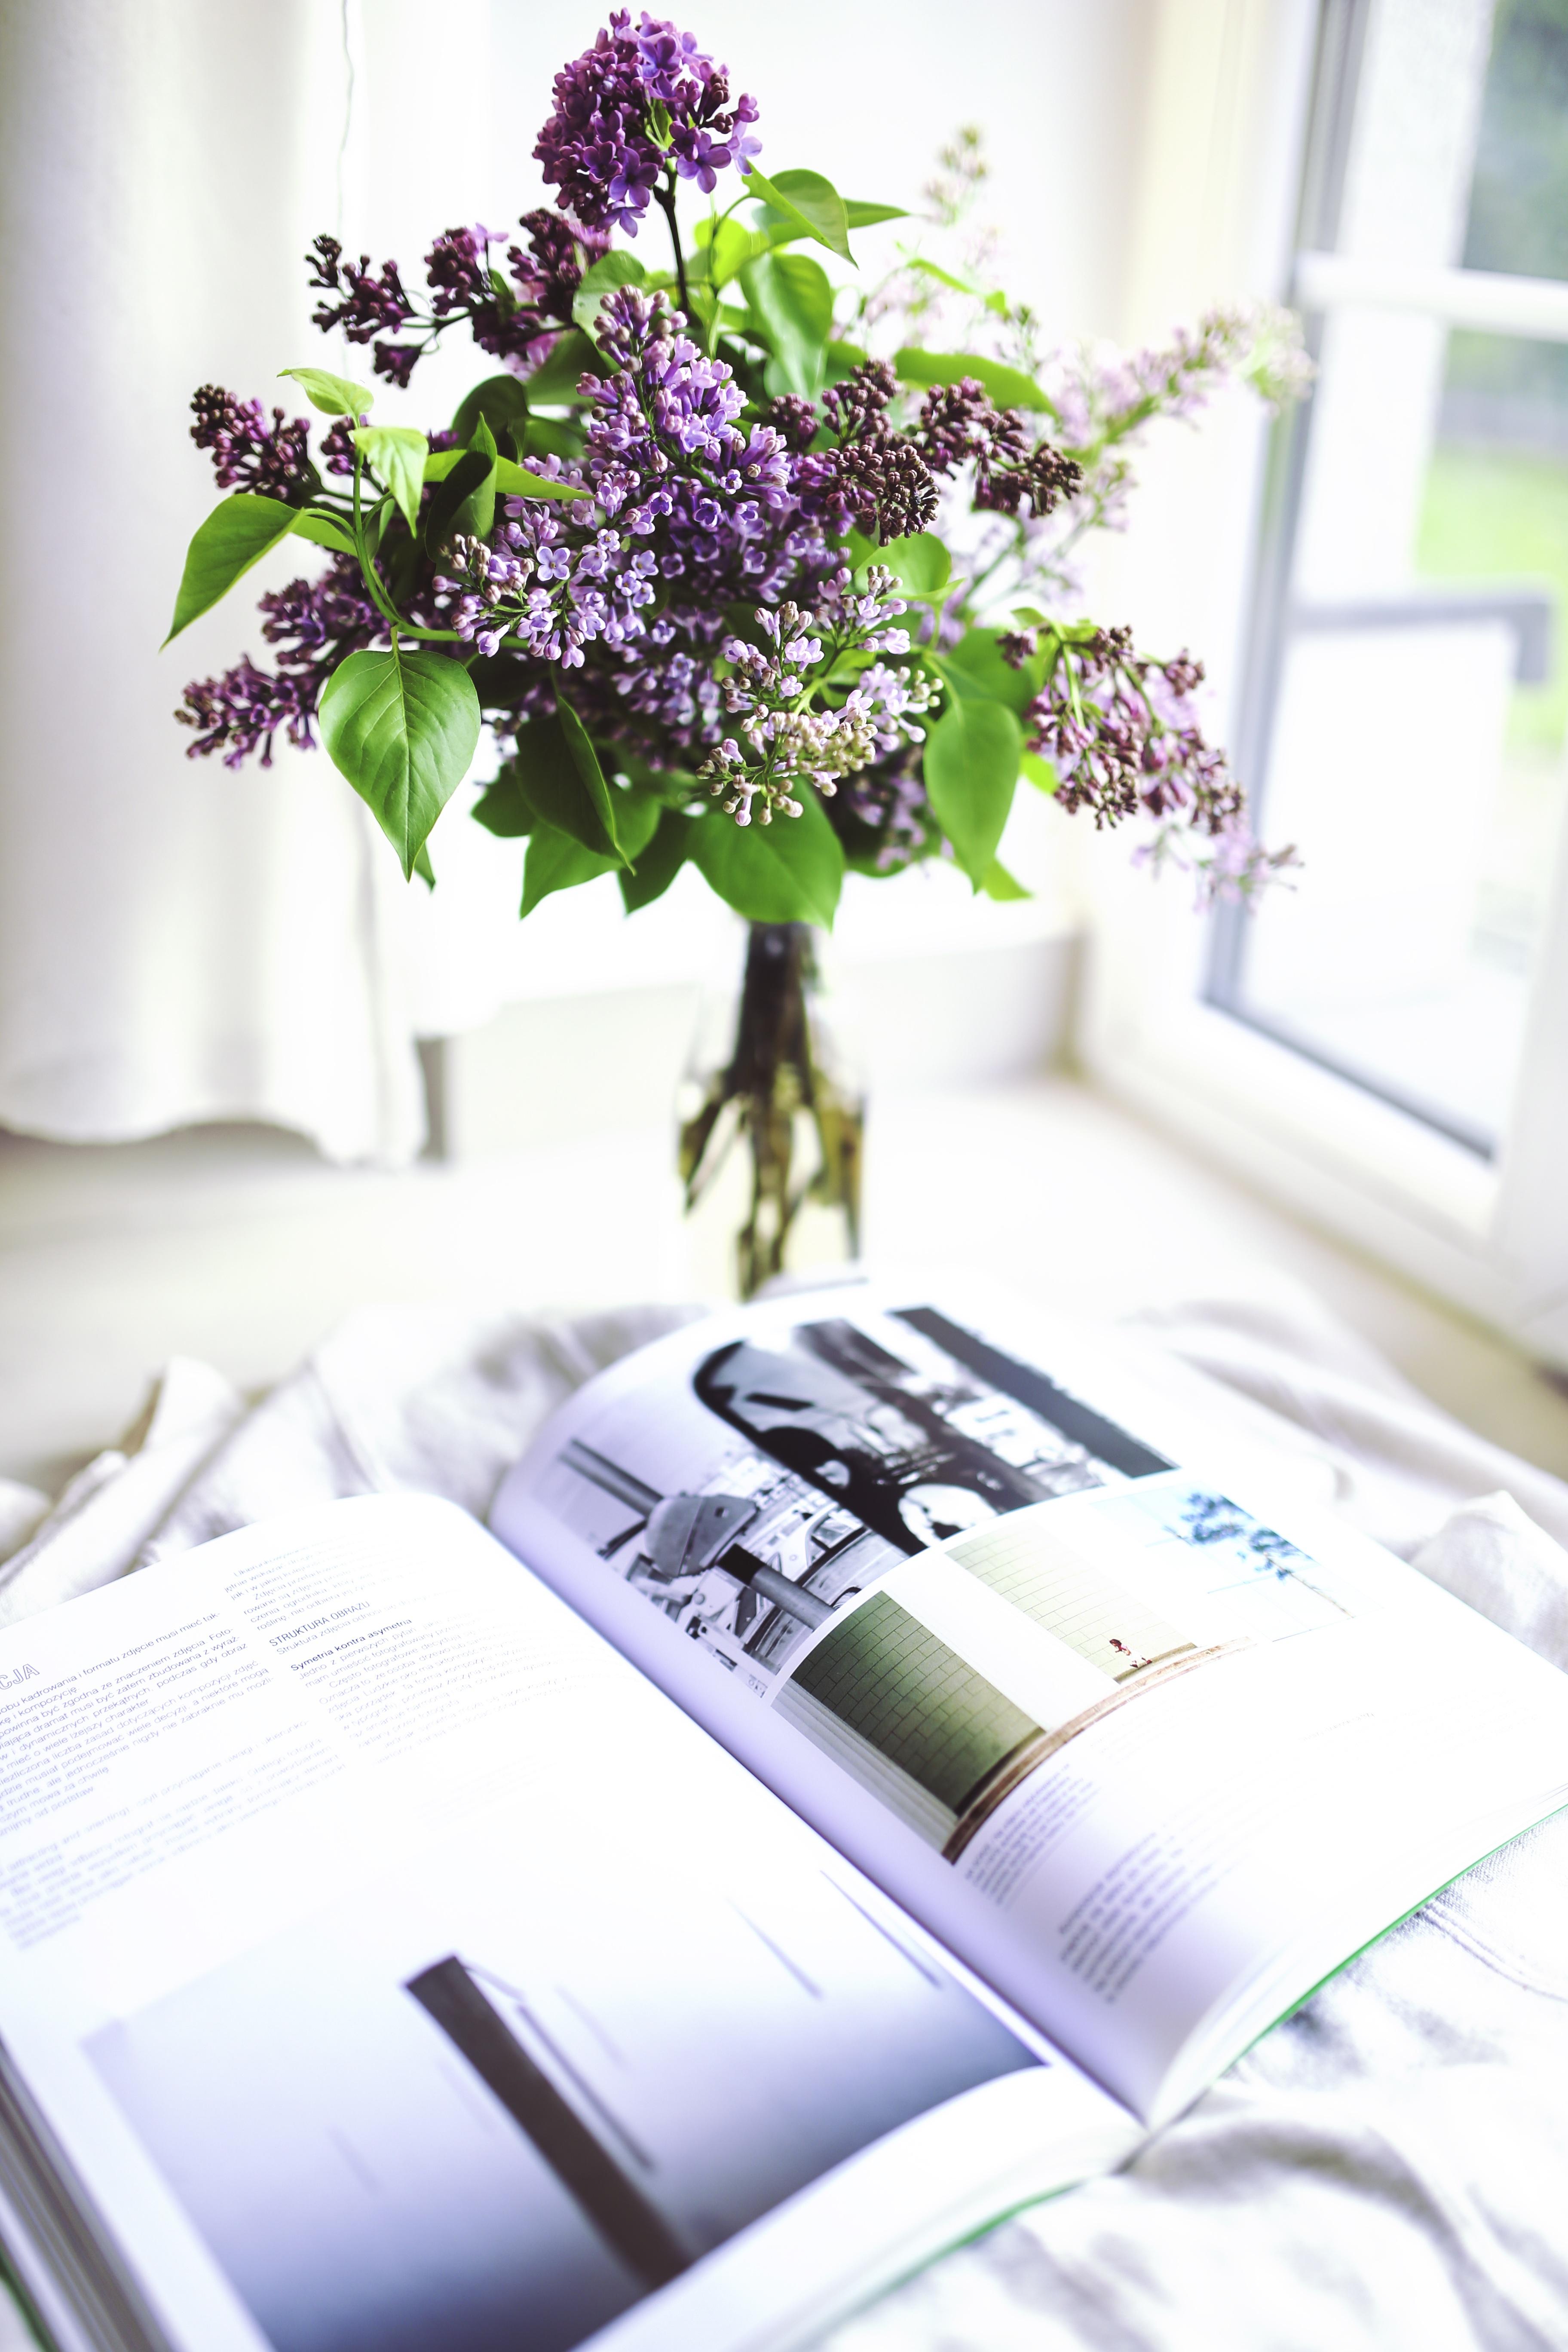 Zeitschrift Dekoration kostenlose foto buch pflanze blume lila zeitung dekoration